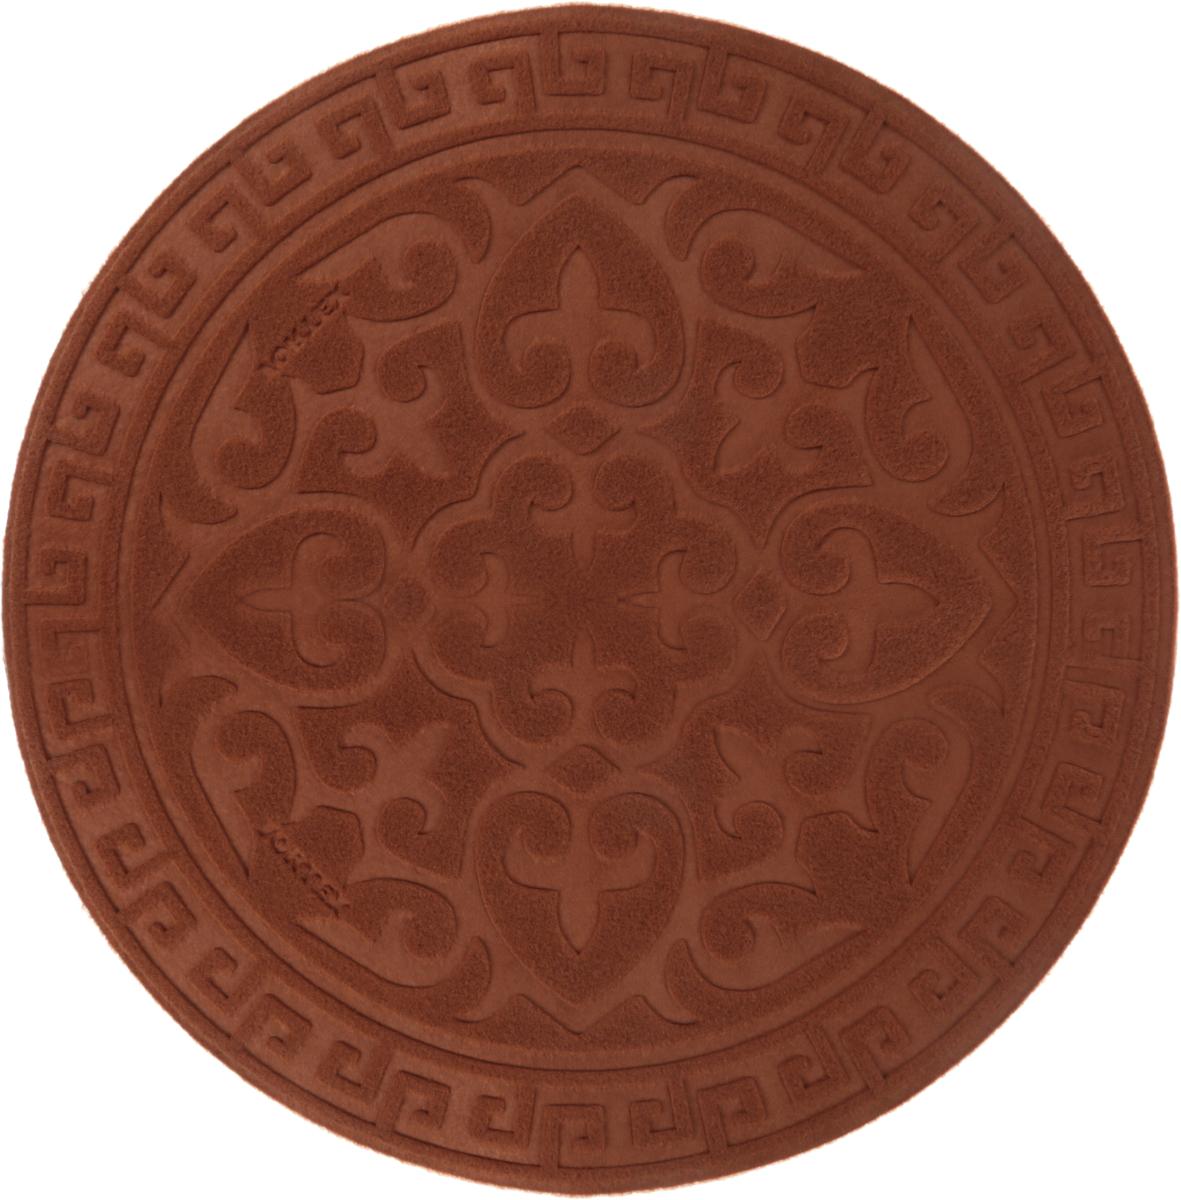 Коврик придверный Vortex Comfort, цвет: коричневый, 65 х 65 см коврик vortex на ступеньку цвет коричневый 25 х 65 см